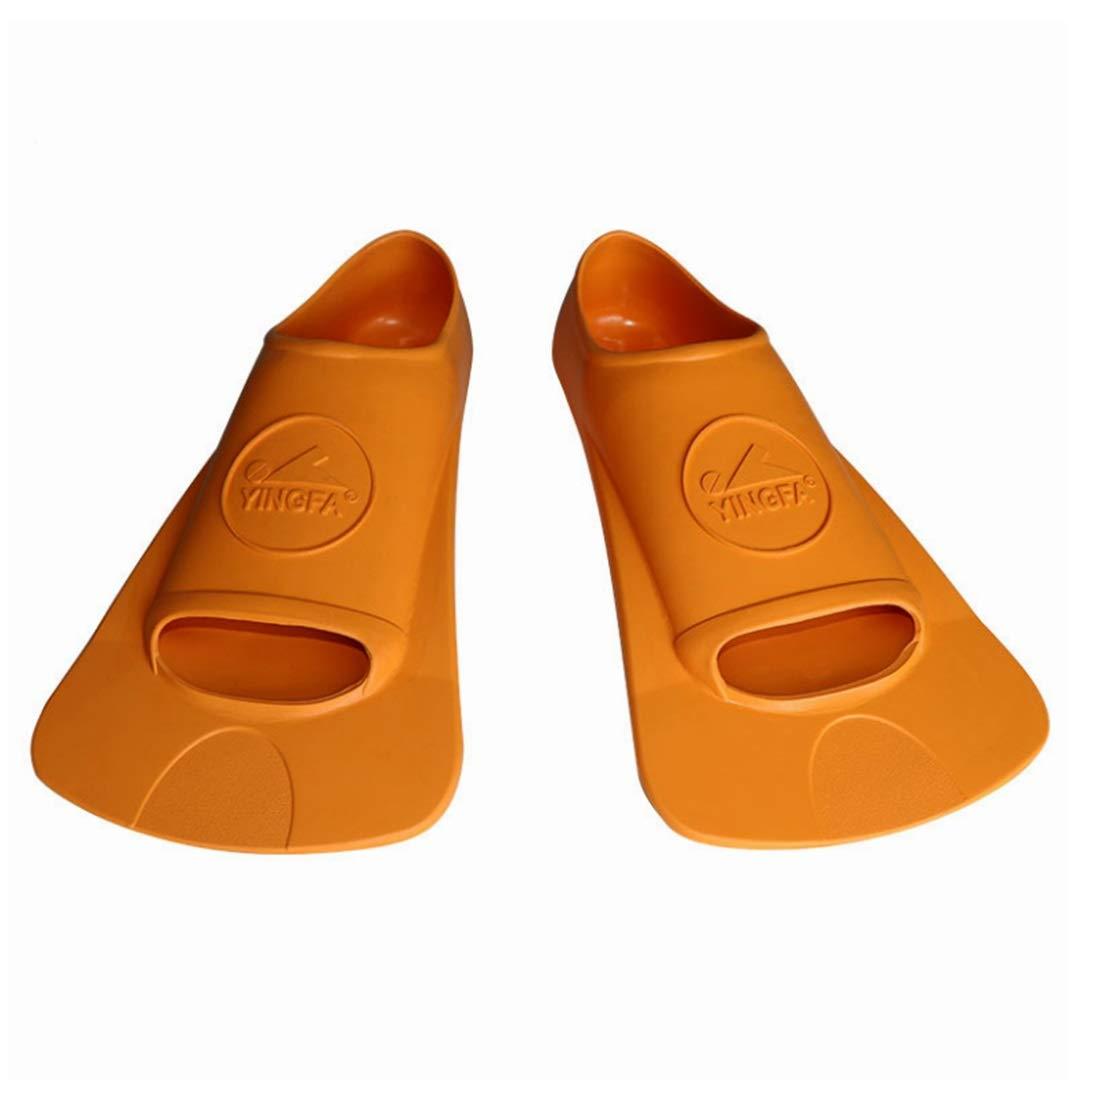 【当店限定販売】 Goen Burake 水泳用ダイビングフィン足ひれシュノーケリング水泳活動シュノーケリング水泳用フィン Large|オレンジ (Color : オレンジ, オレンジ サイズ : XL) XL) B07QG14PF7 オレンジ Large Large|オレンジ, 下都賀郡:77773852 --- mail.mrplusfm.net